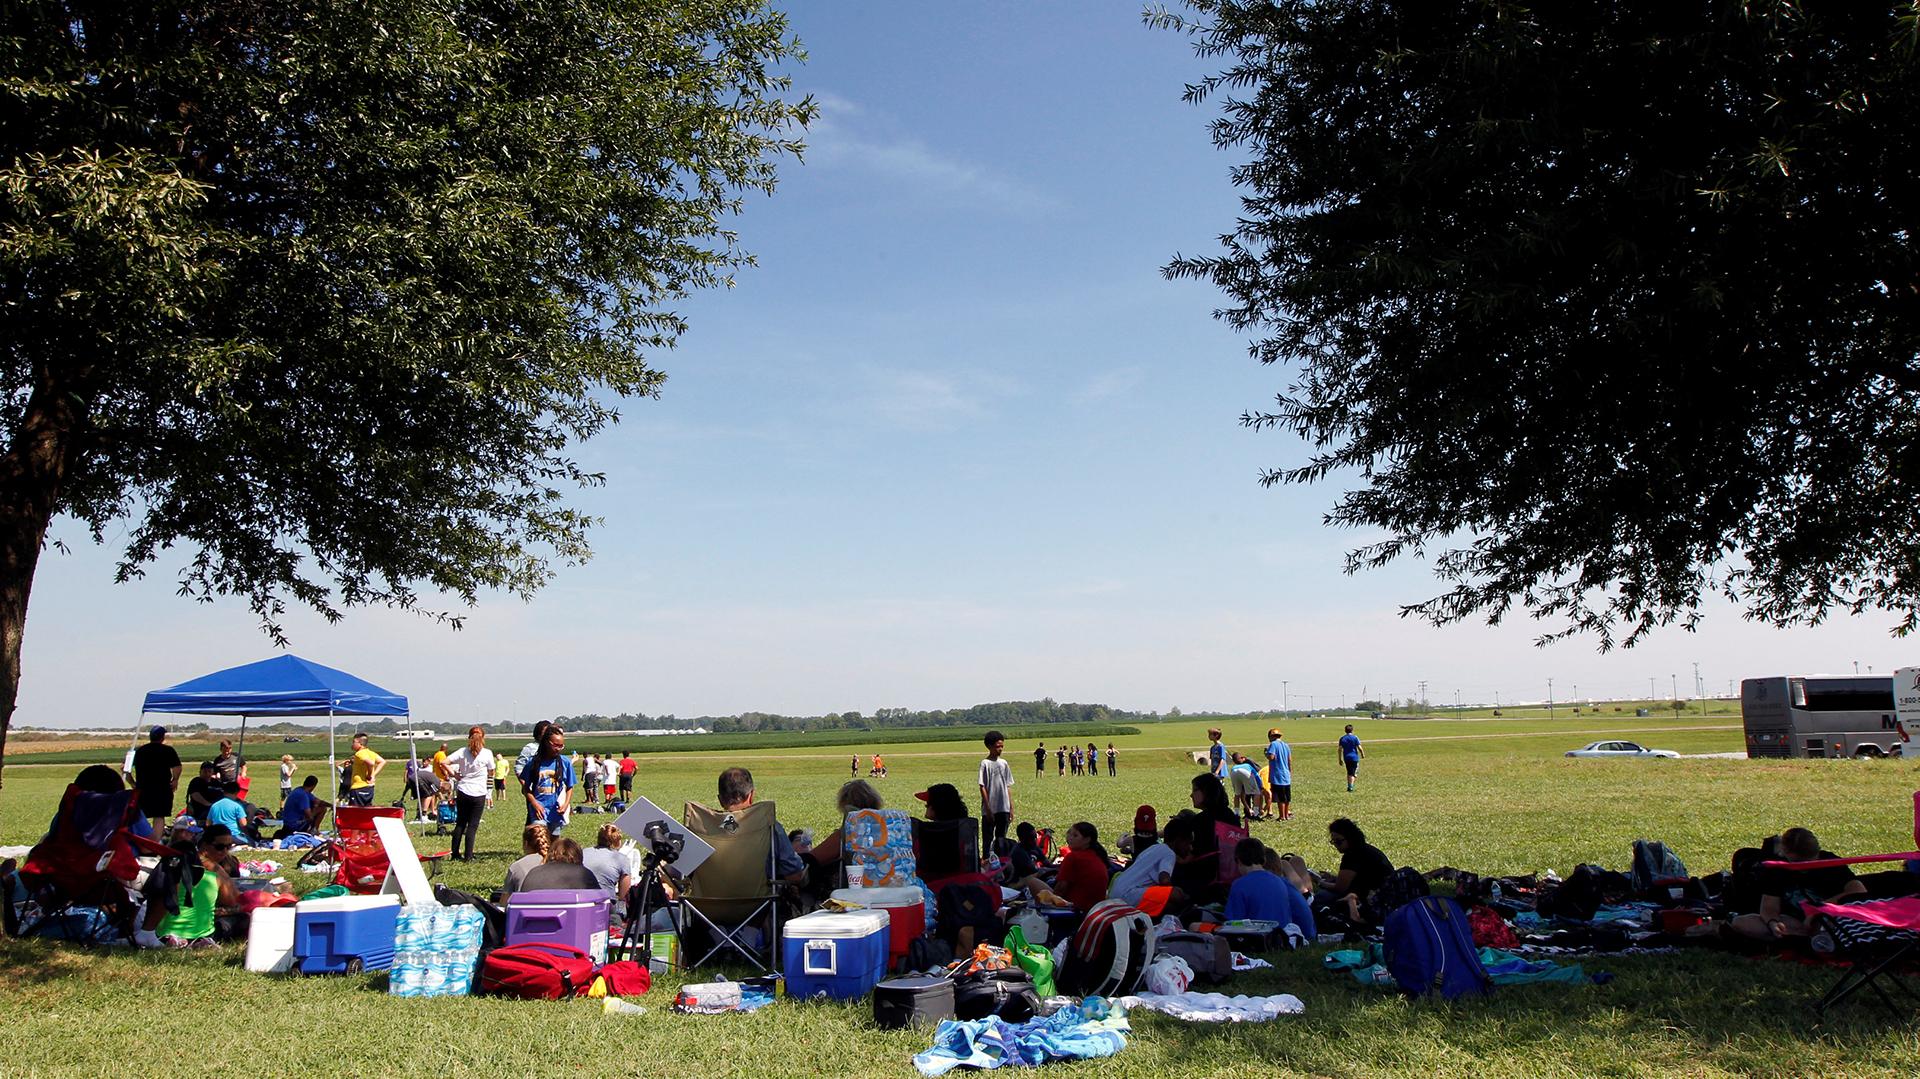 Cientos de personas esperan en Hopkinsville, Kentucky, por el eclipse solar